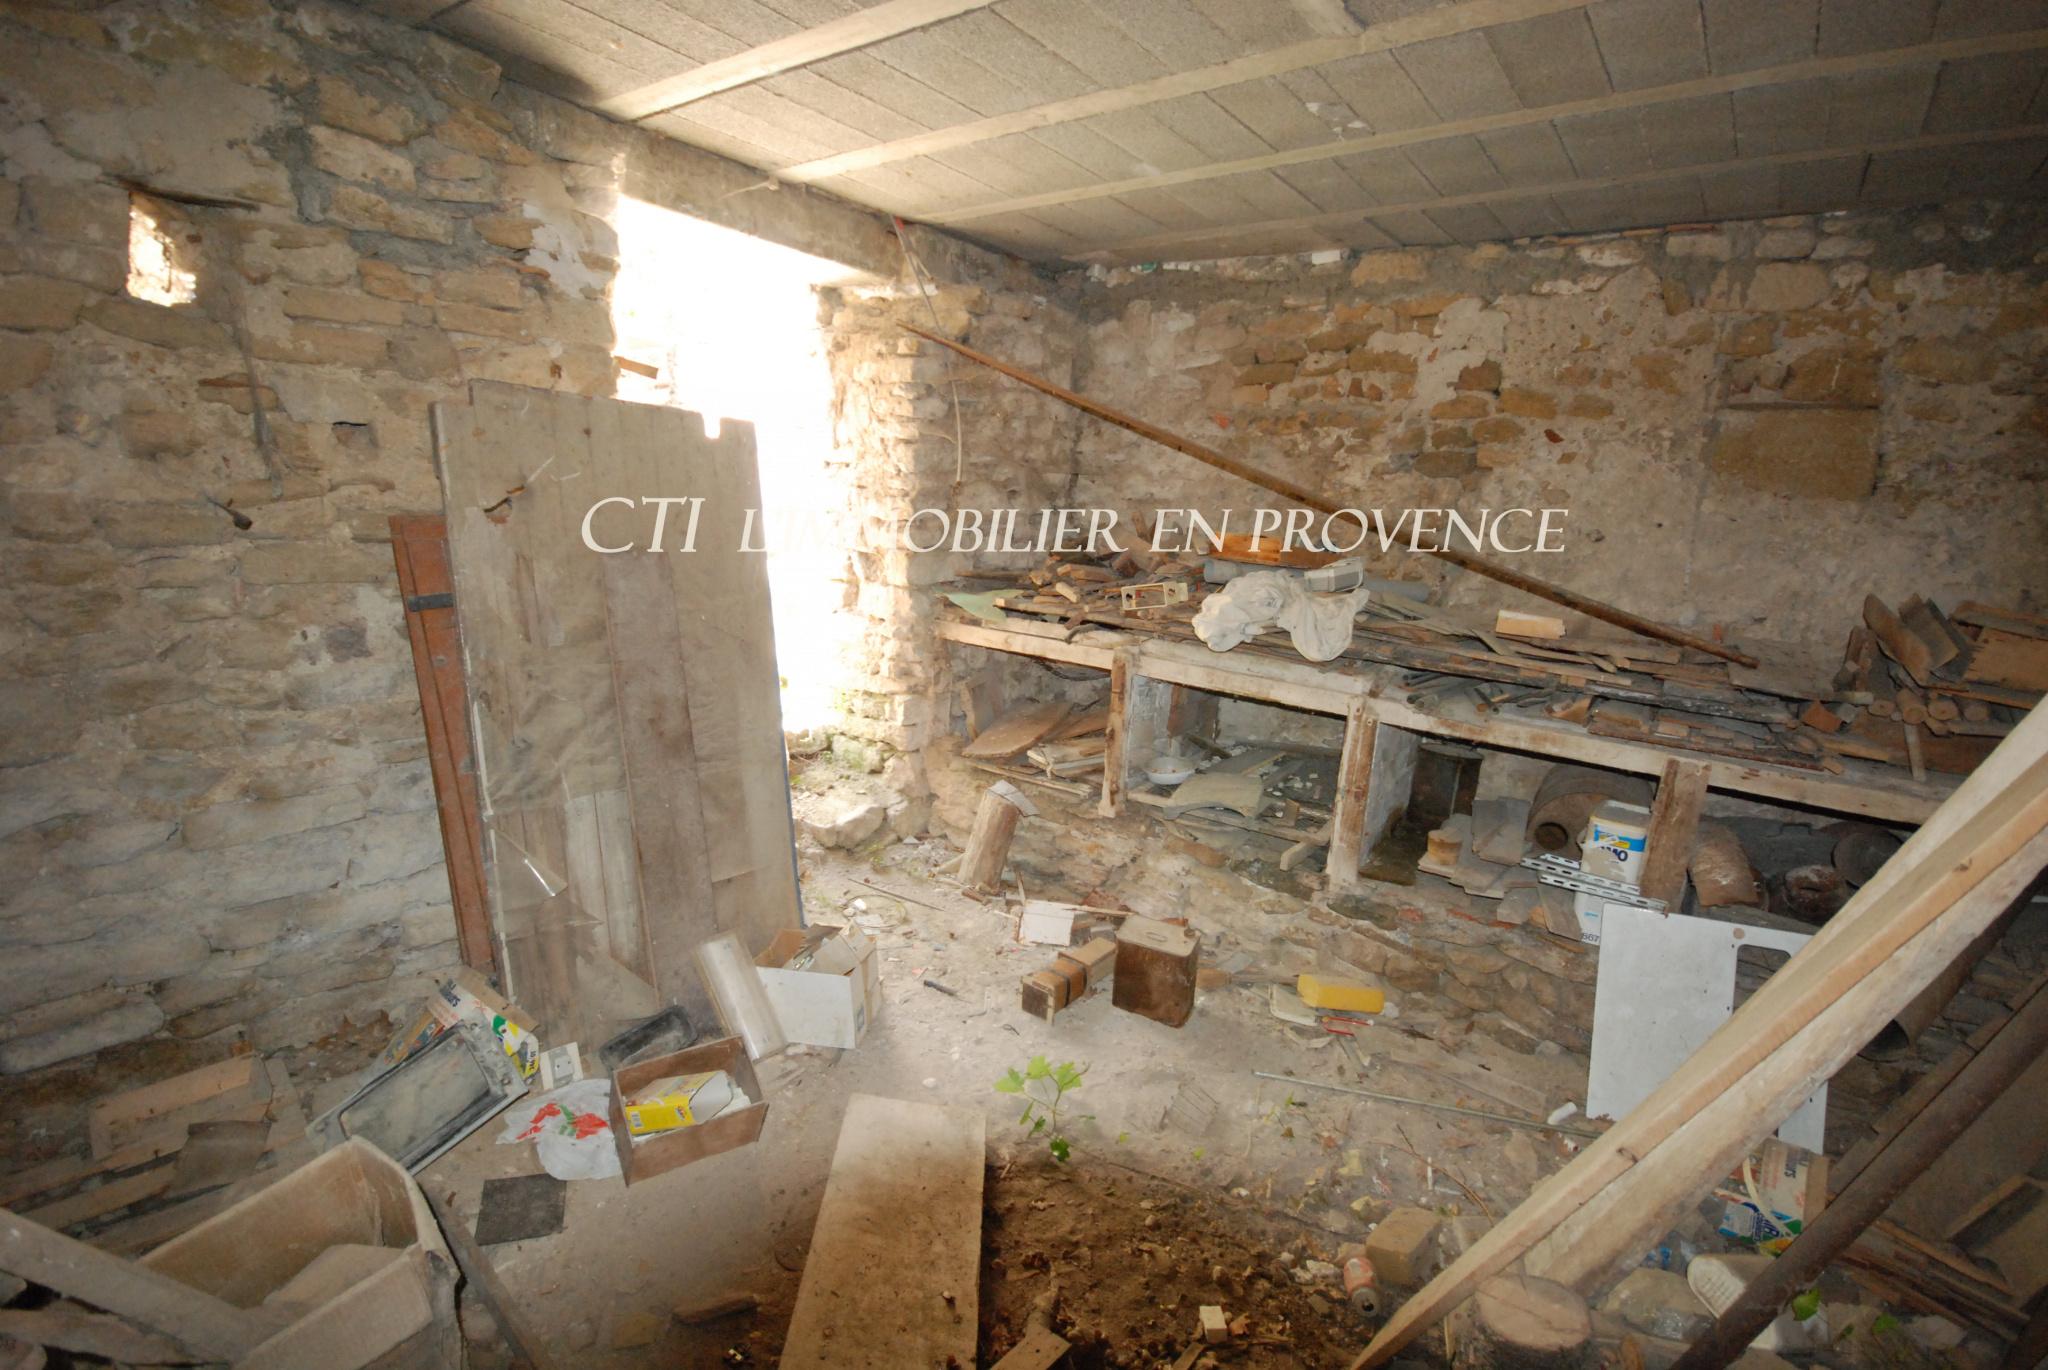 A VENDRE www.cti-provence.net  MAISON VILLAGE PIERRE A RENOVER VUE MONT VENTOUX 2 HAB COUR JARDIN